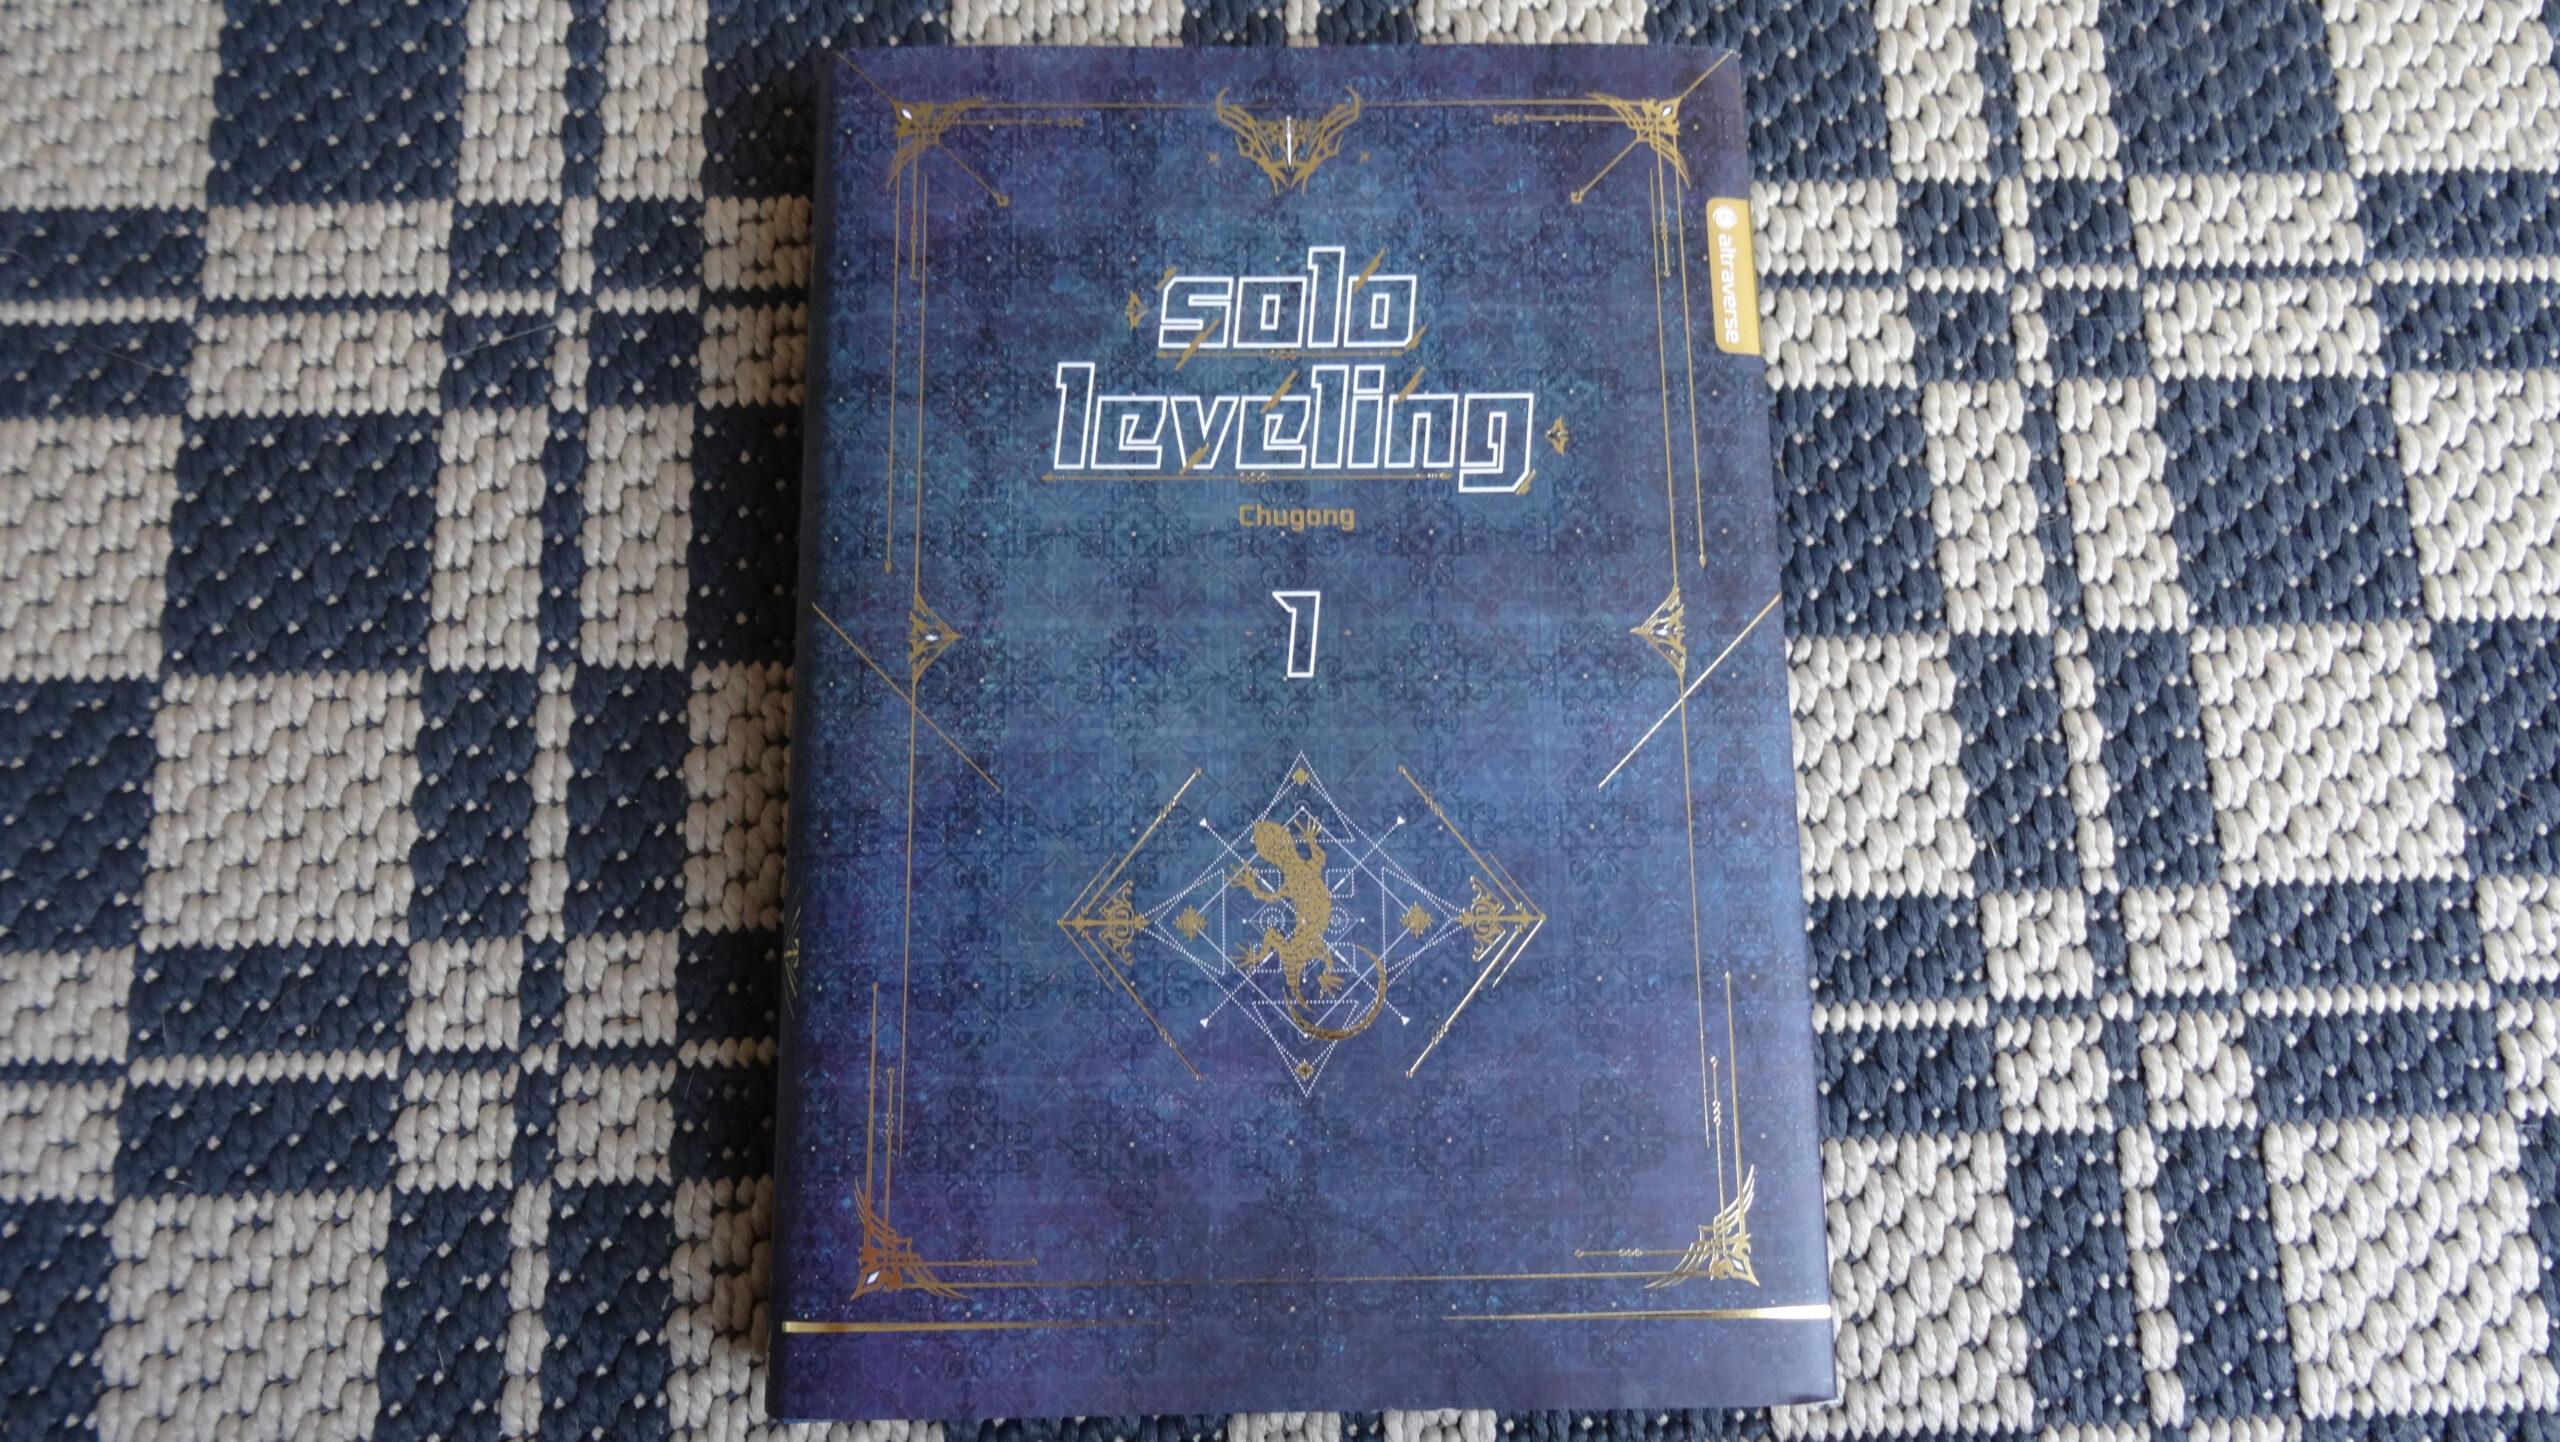 Das Bild zeigt die Vorderseite des Solo-Leveling Band 01 mit Umschlag.